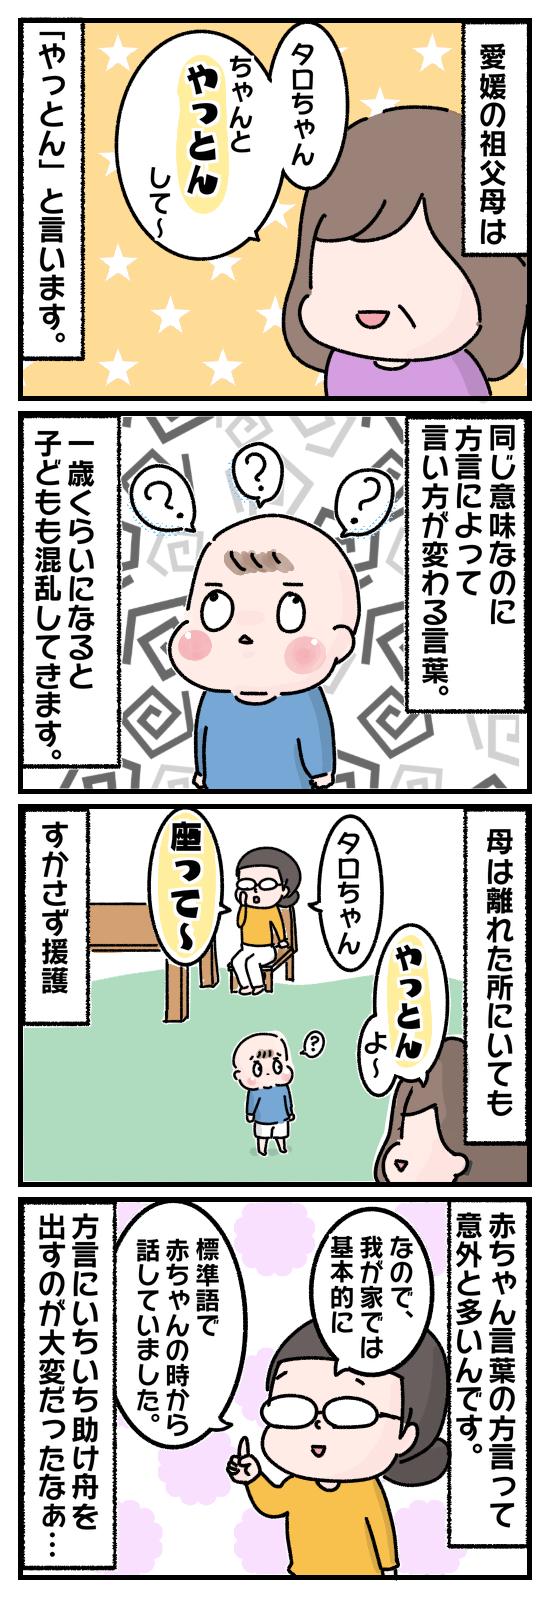 他県同士の結婚で唯一困った、県ごとの「赤ちゃん言葉」の方言の画像2